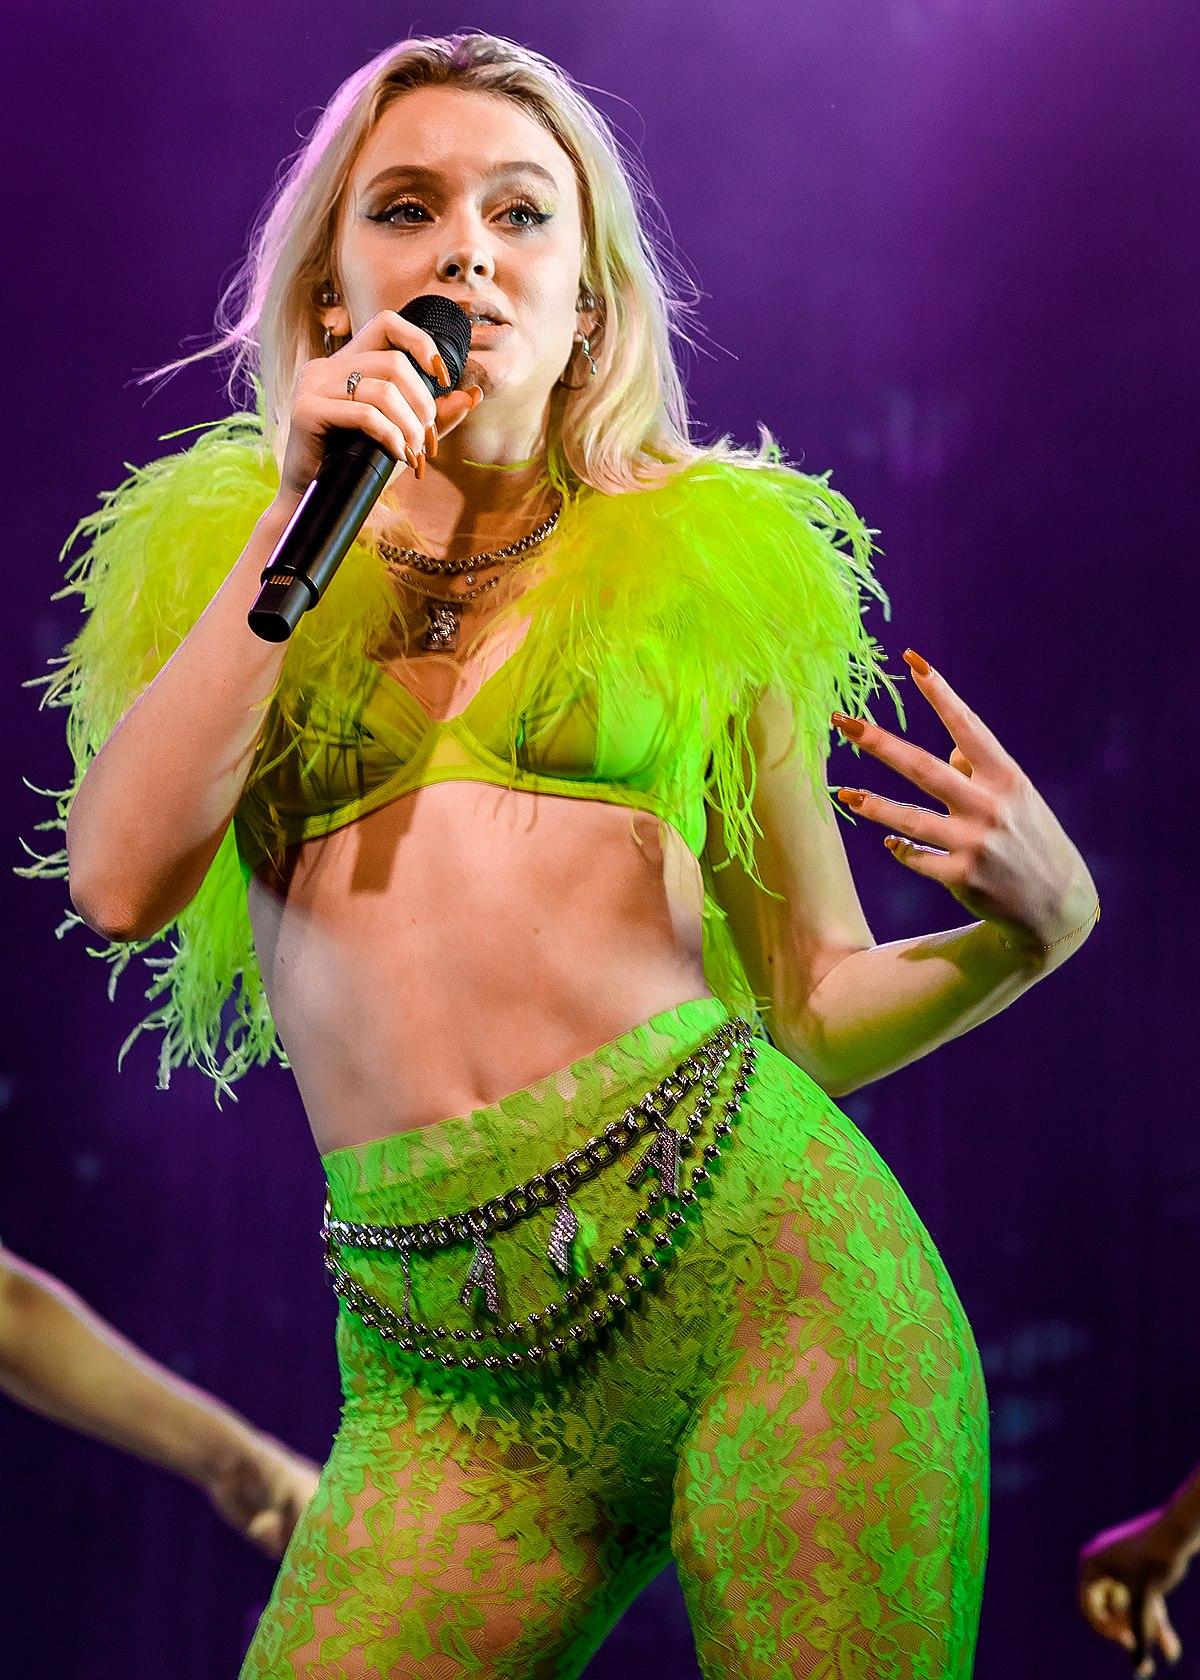 Zara Larsson - Wikipedia